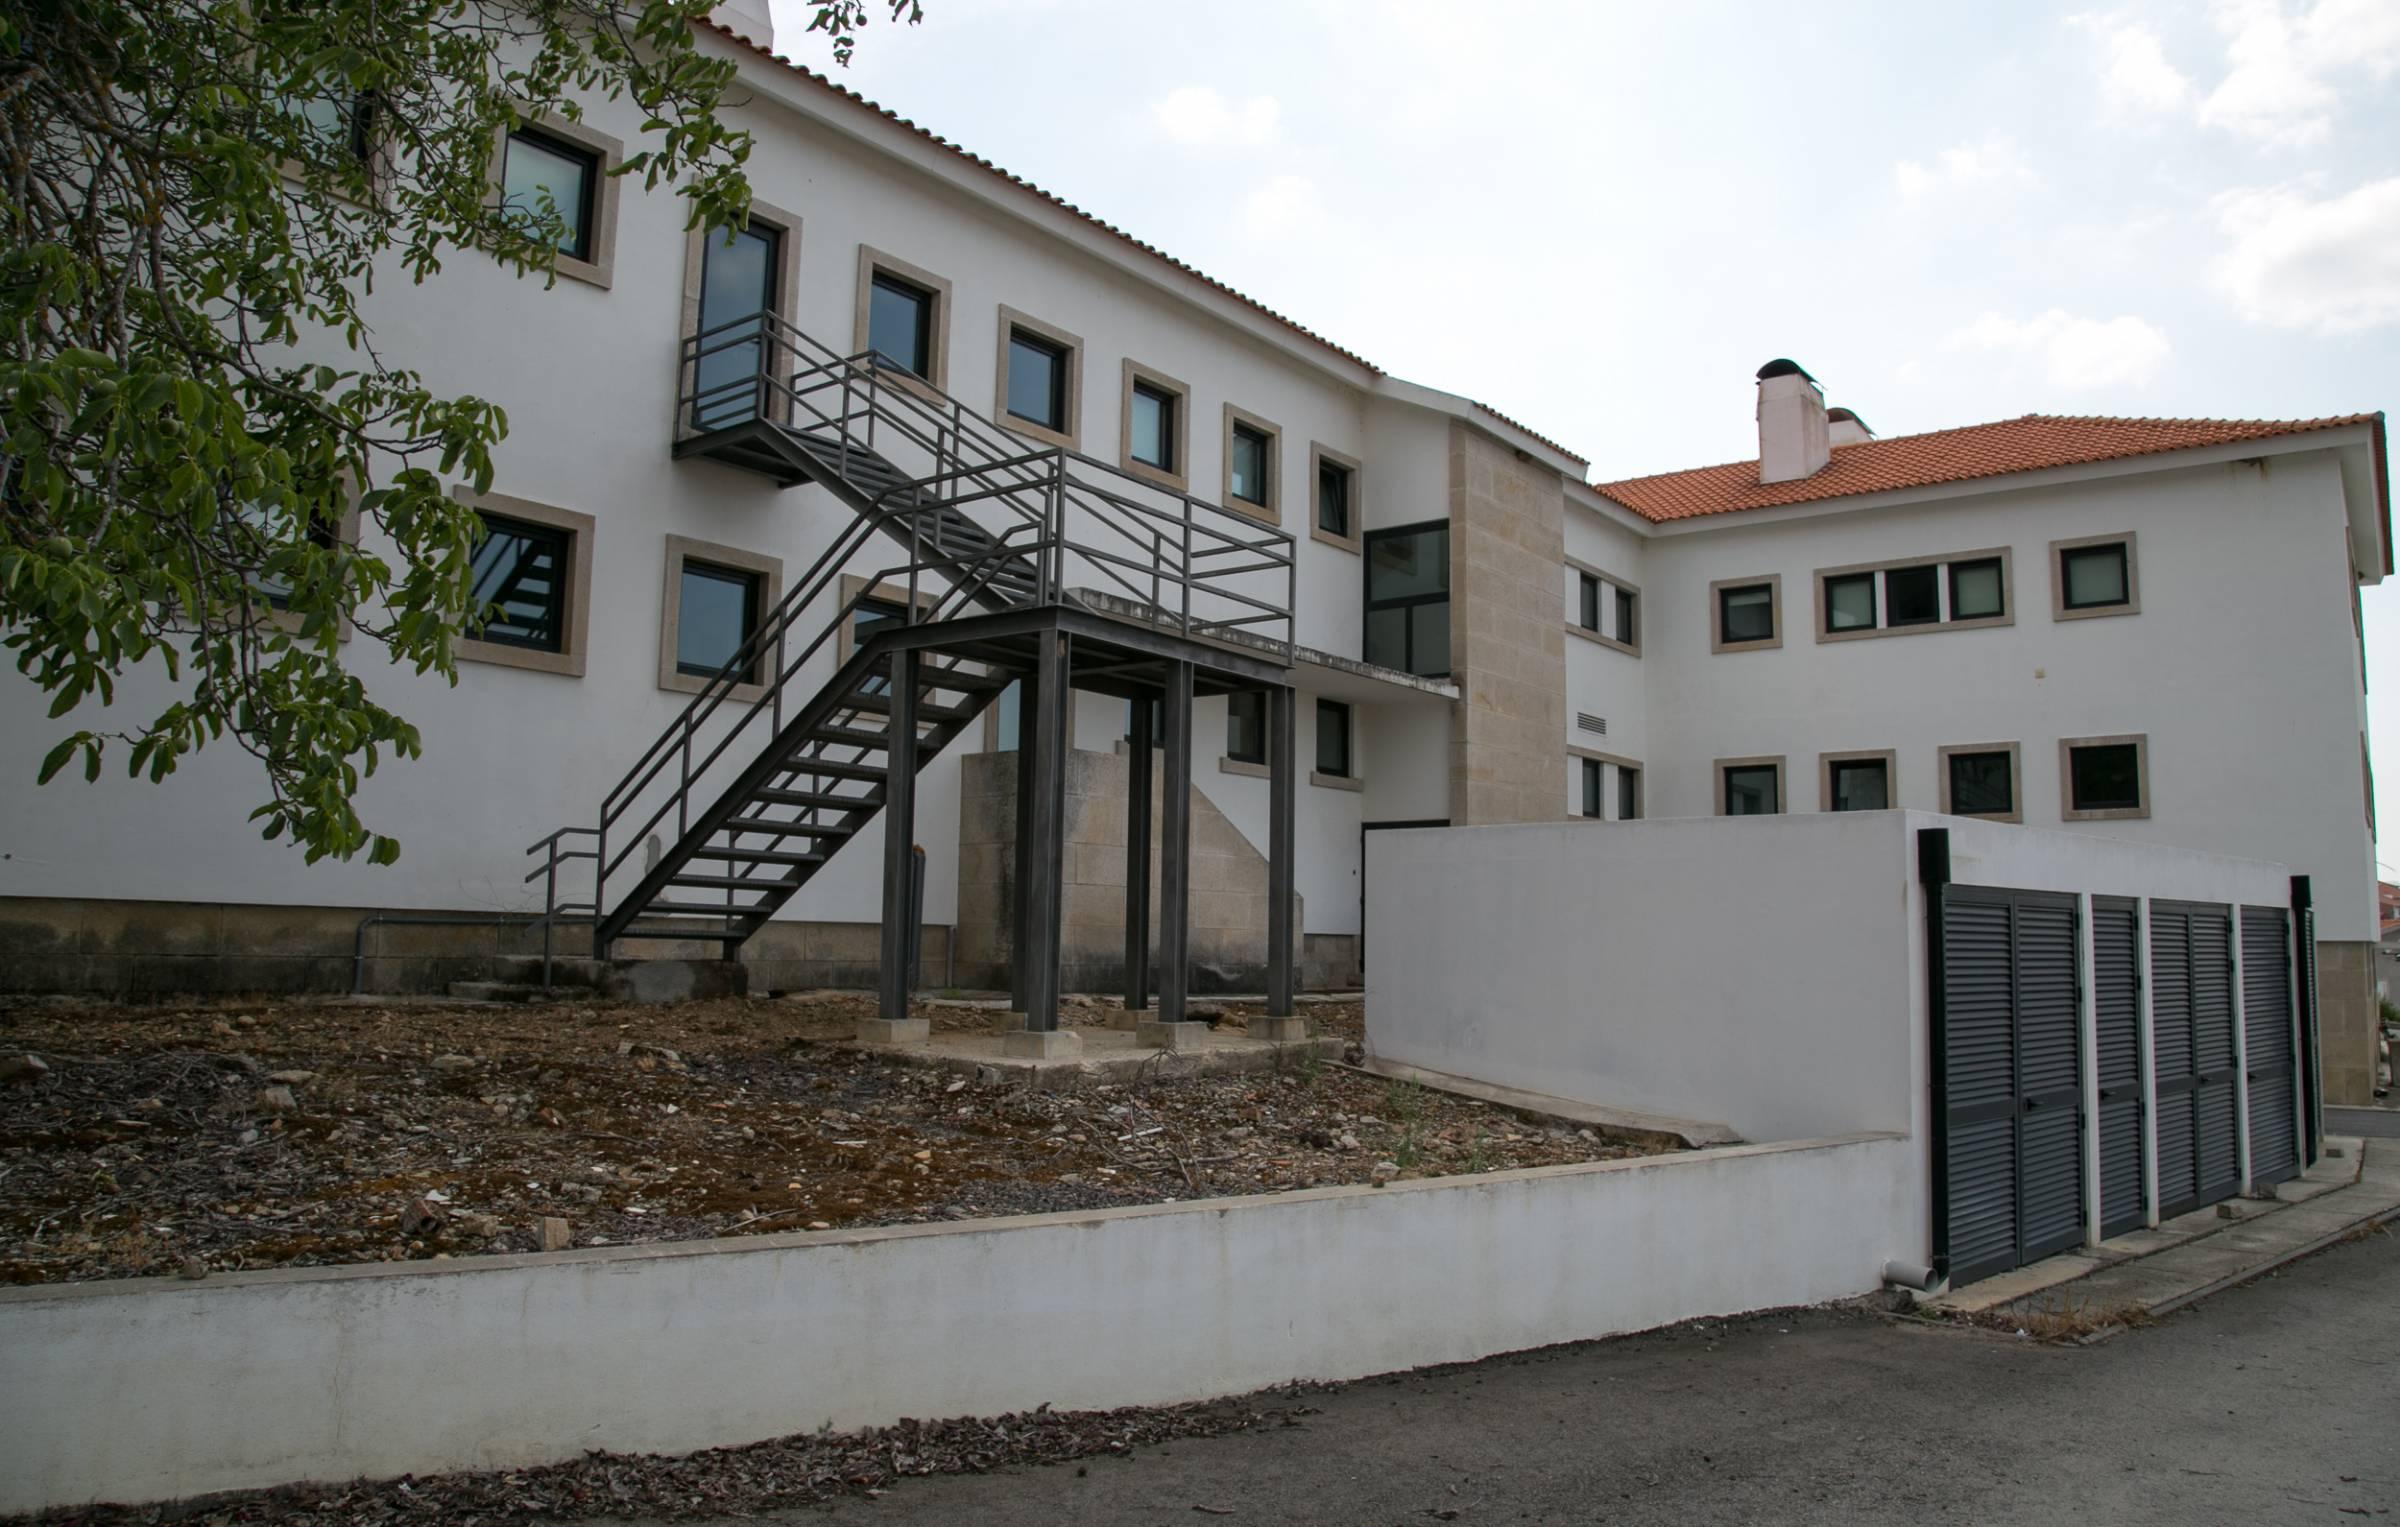 U.C.C. - Moncorvo